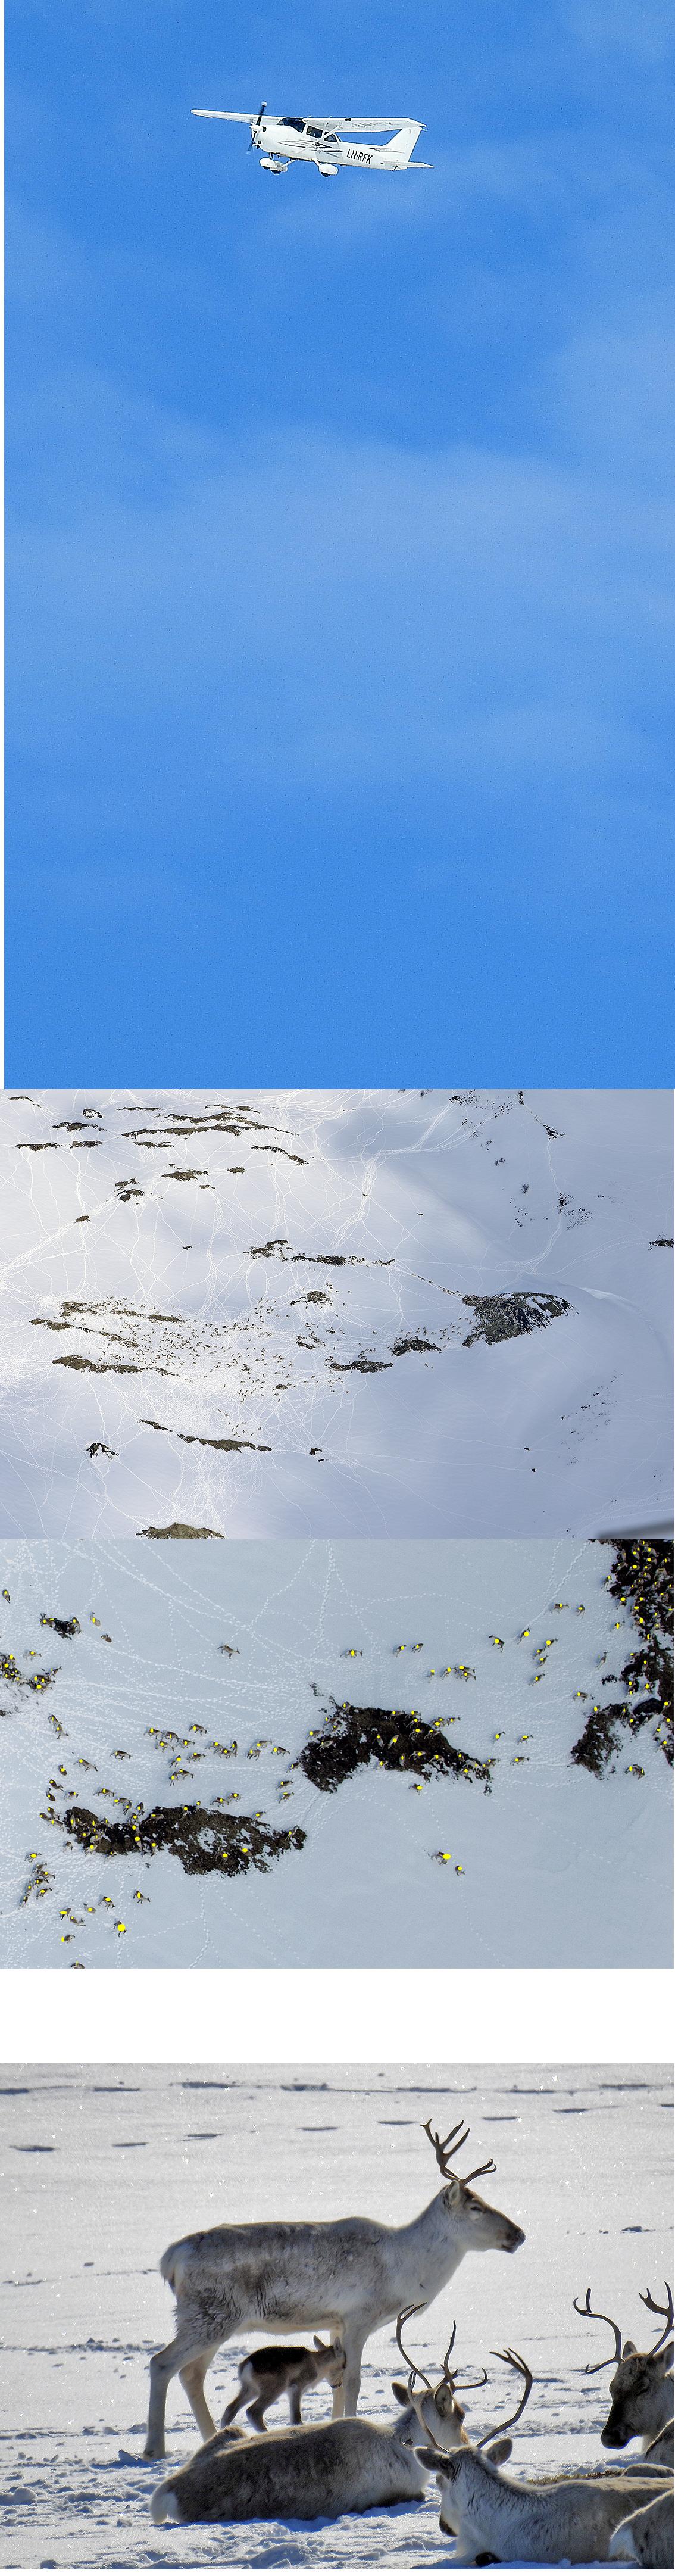 Fire bilder (sammensatt) fra minimumstellinga fredag før årsmøtet: Flyet fotgrafert av Ingebrigt Storli, tellebildet (904 dyr), et utsnitt av tellebildet og nederst, et bilde av en nesten nyfødt kalv (foto Ingebrigt Storli). Oppsynet som er i fjellet for å følge kalvinga, har så langt registrert sju kalver. Foto tellebilder: Arne Nyaas